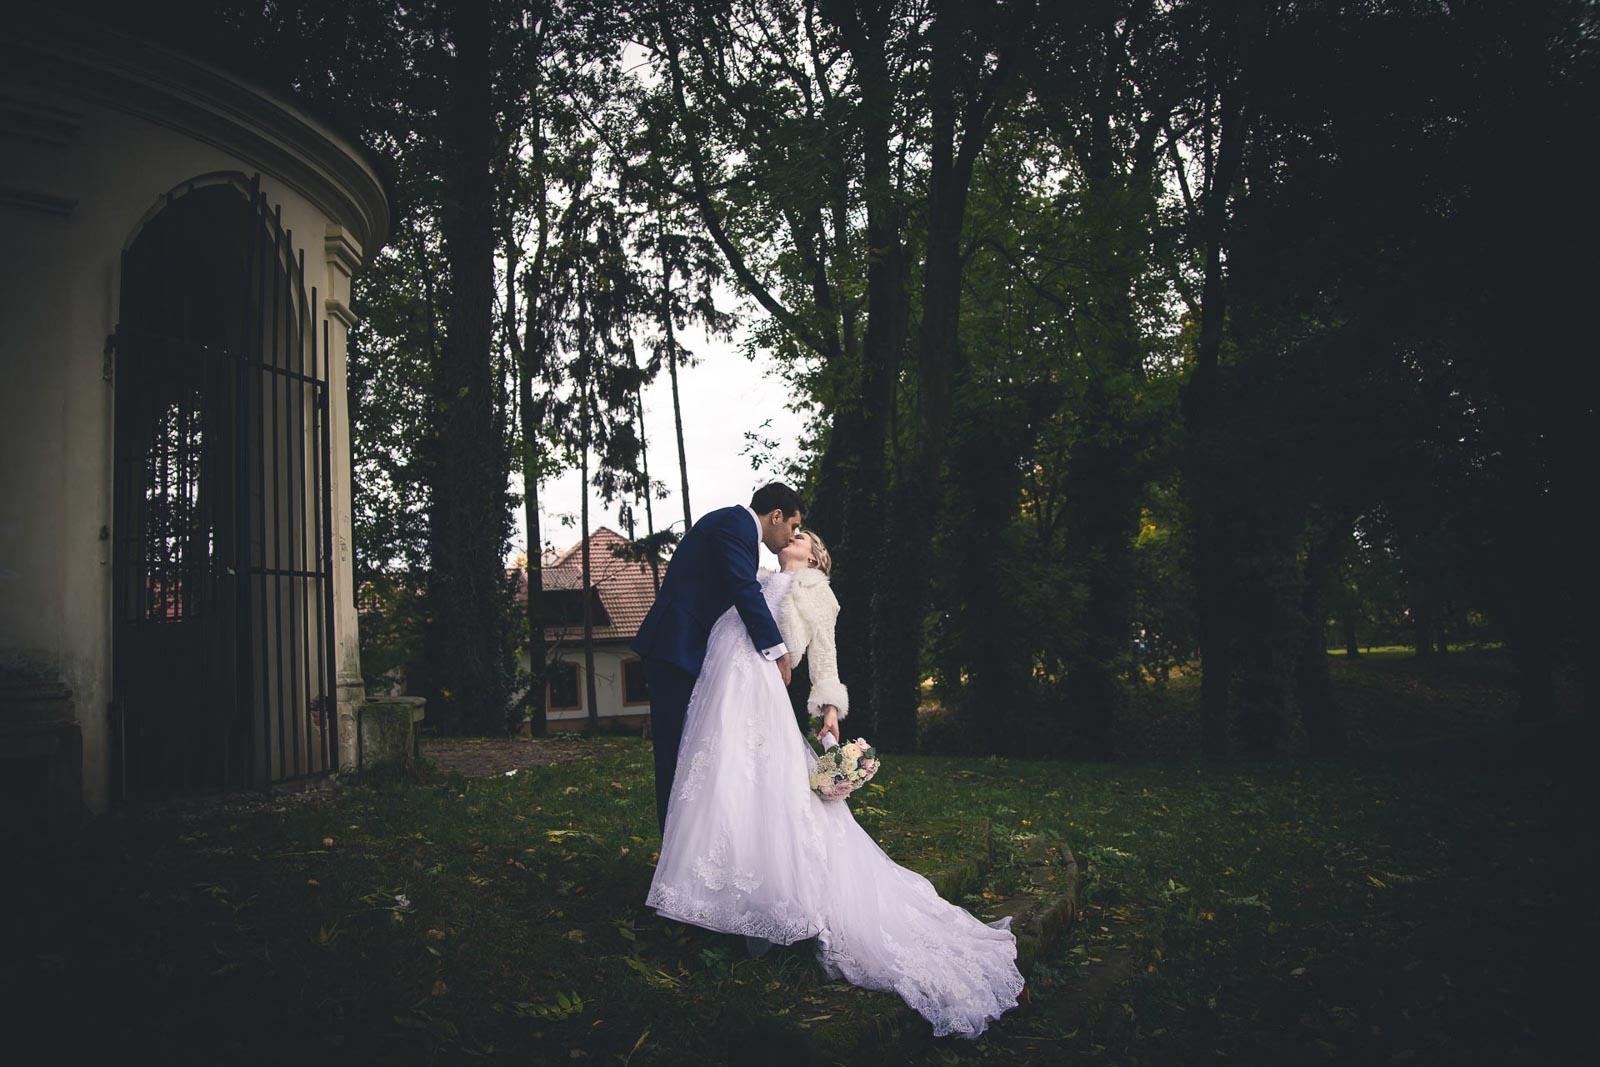 svatba Praha Celakovice svatebni fotograf-9610